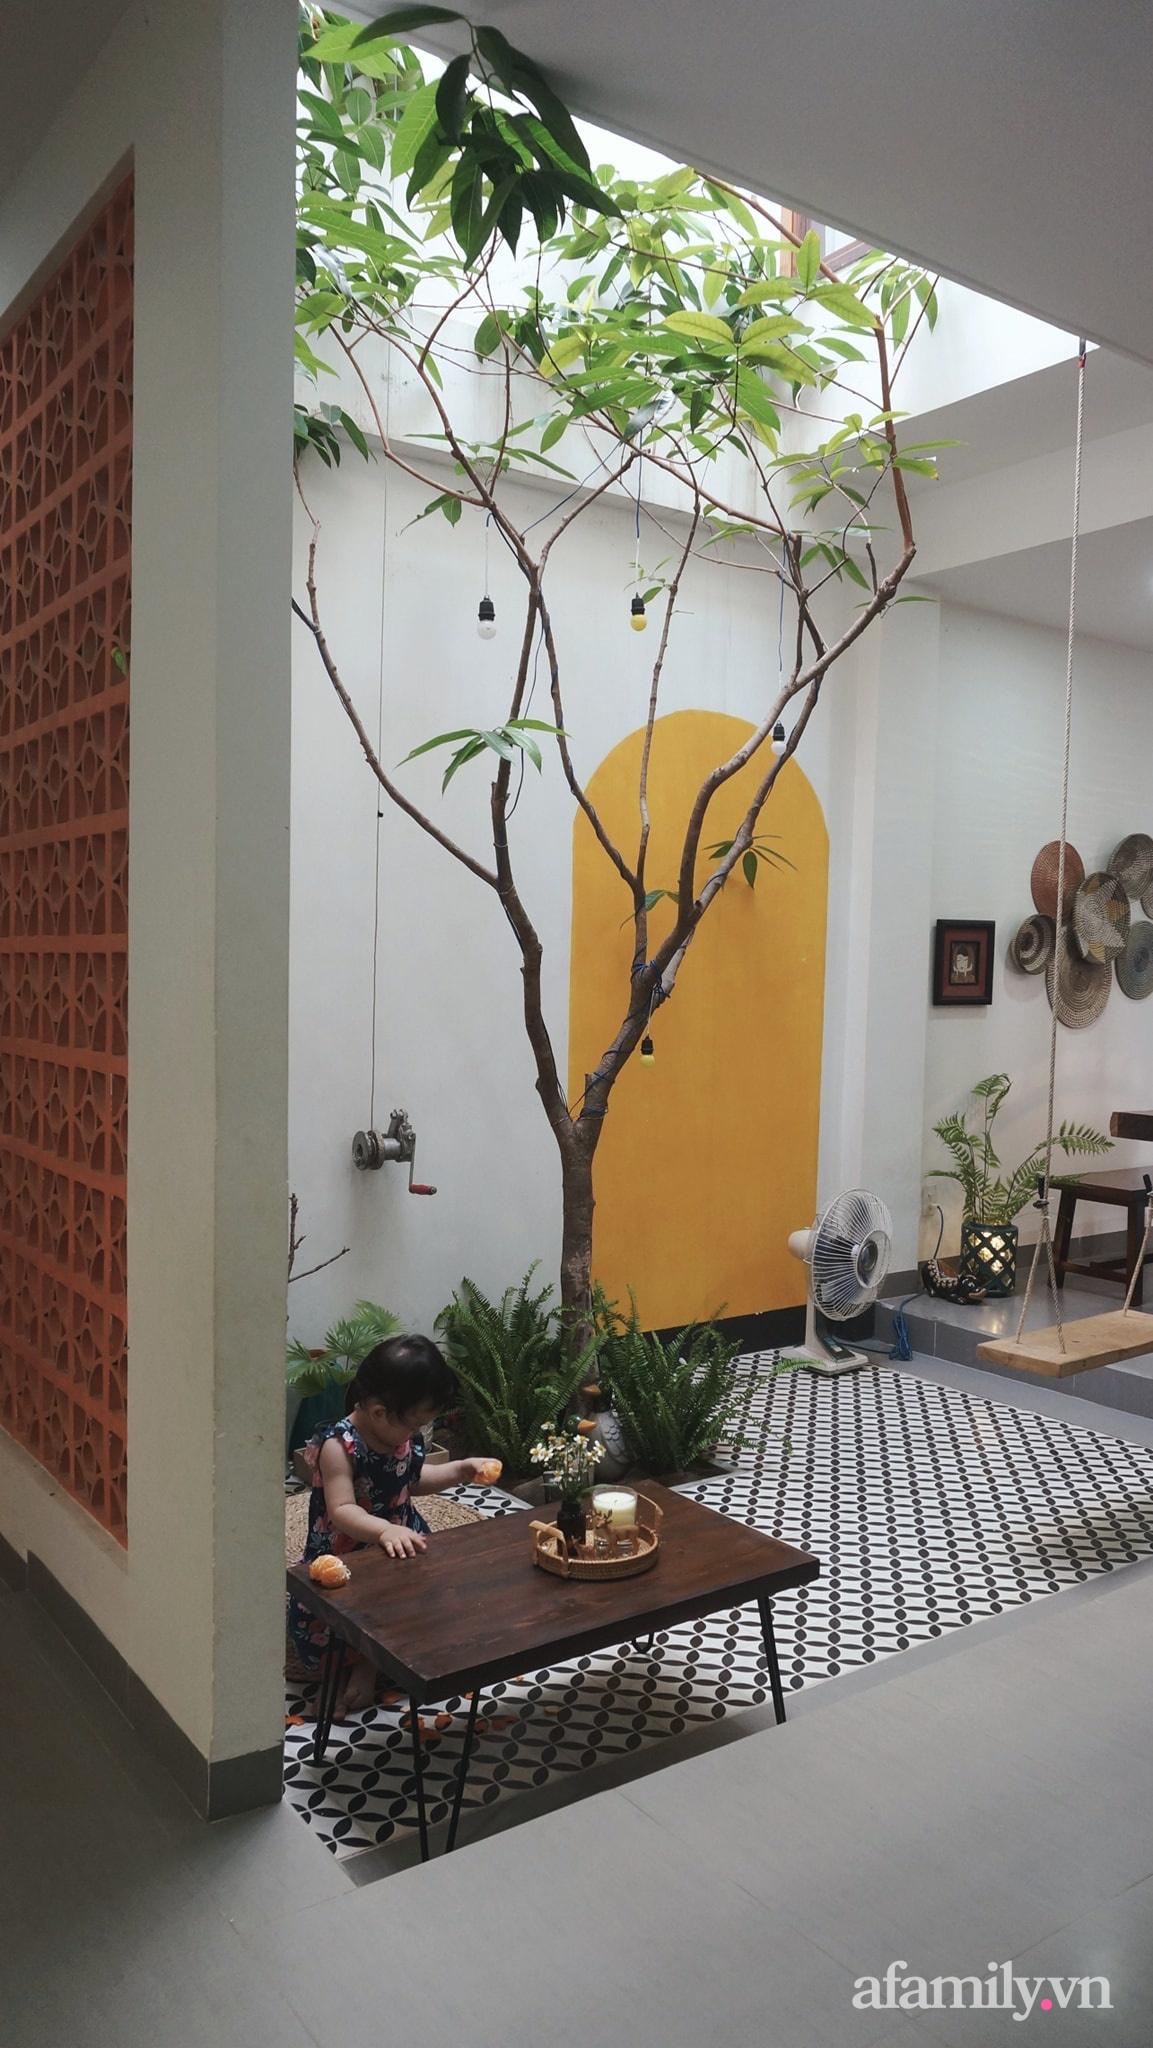 Nhà phố góc nào cũng chill nhờ phương châm cùng nhau tự trang trí của cặp vợ chồng trẻ ở Đà Nẵng - Ảnh 7.